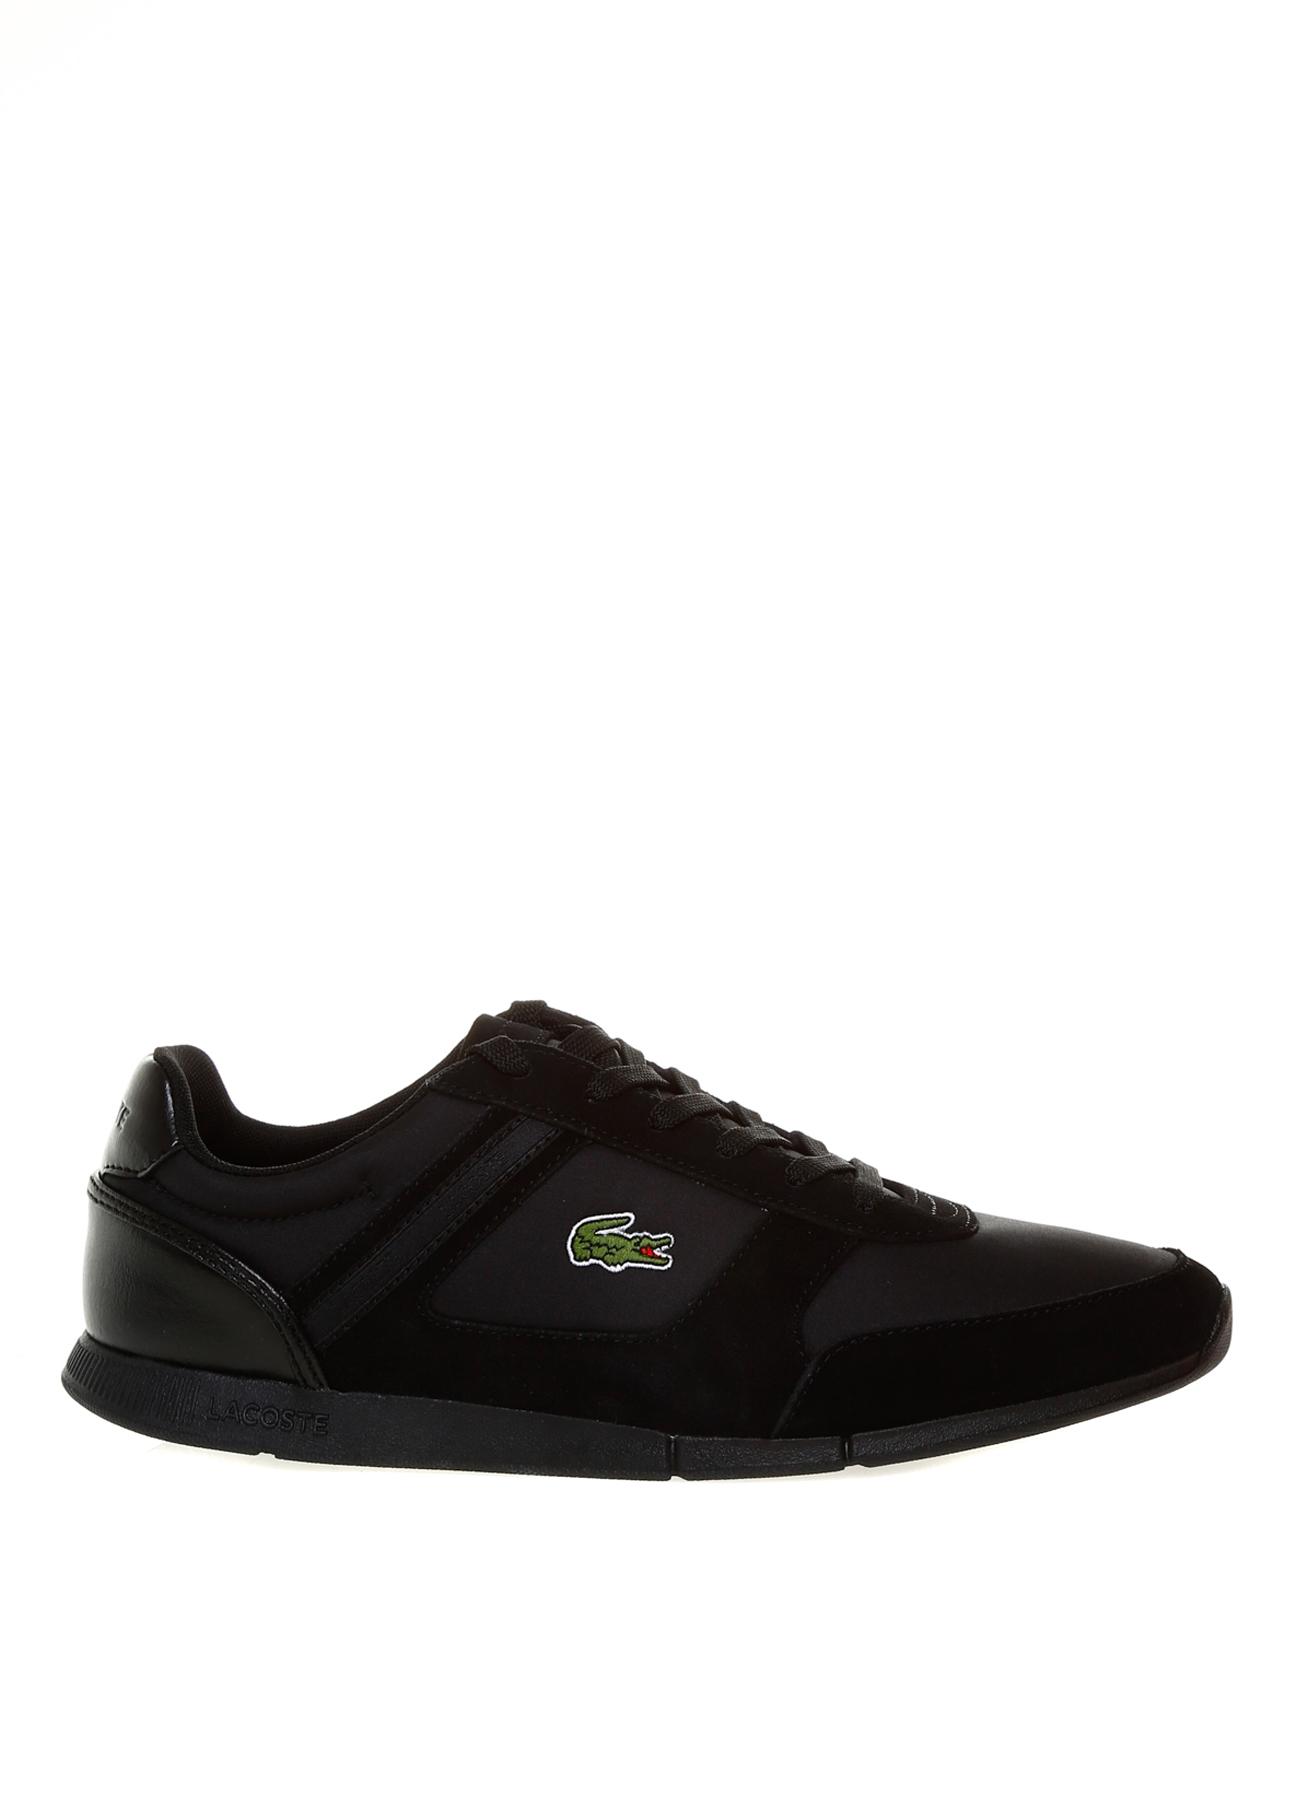 Lacoste Lifestyle Ayakkabı 42 5002314239004 Ürün Resmi